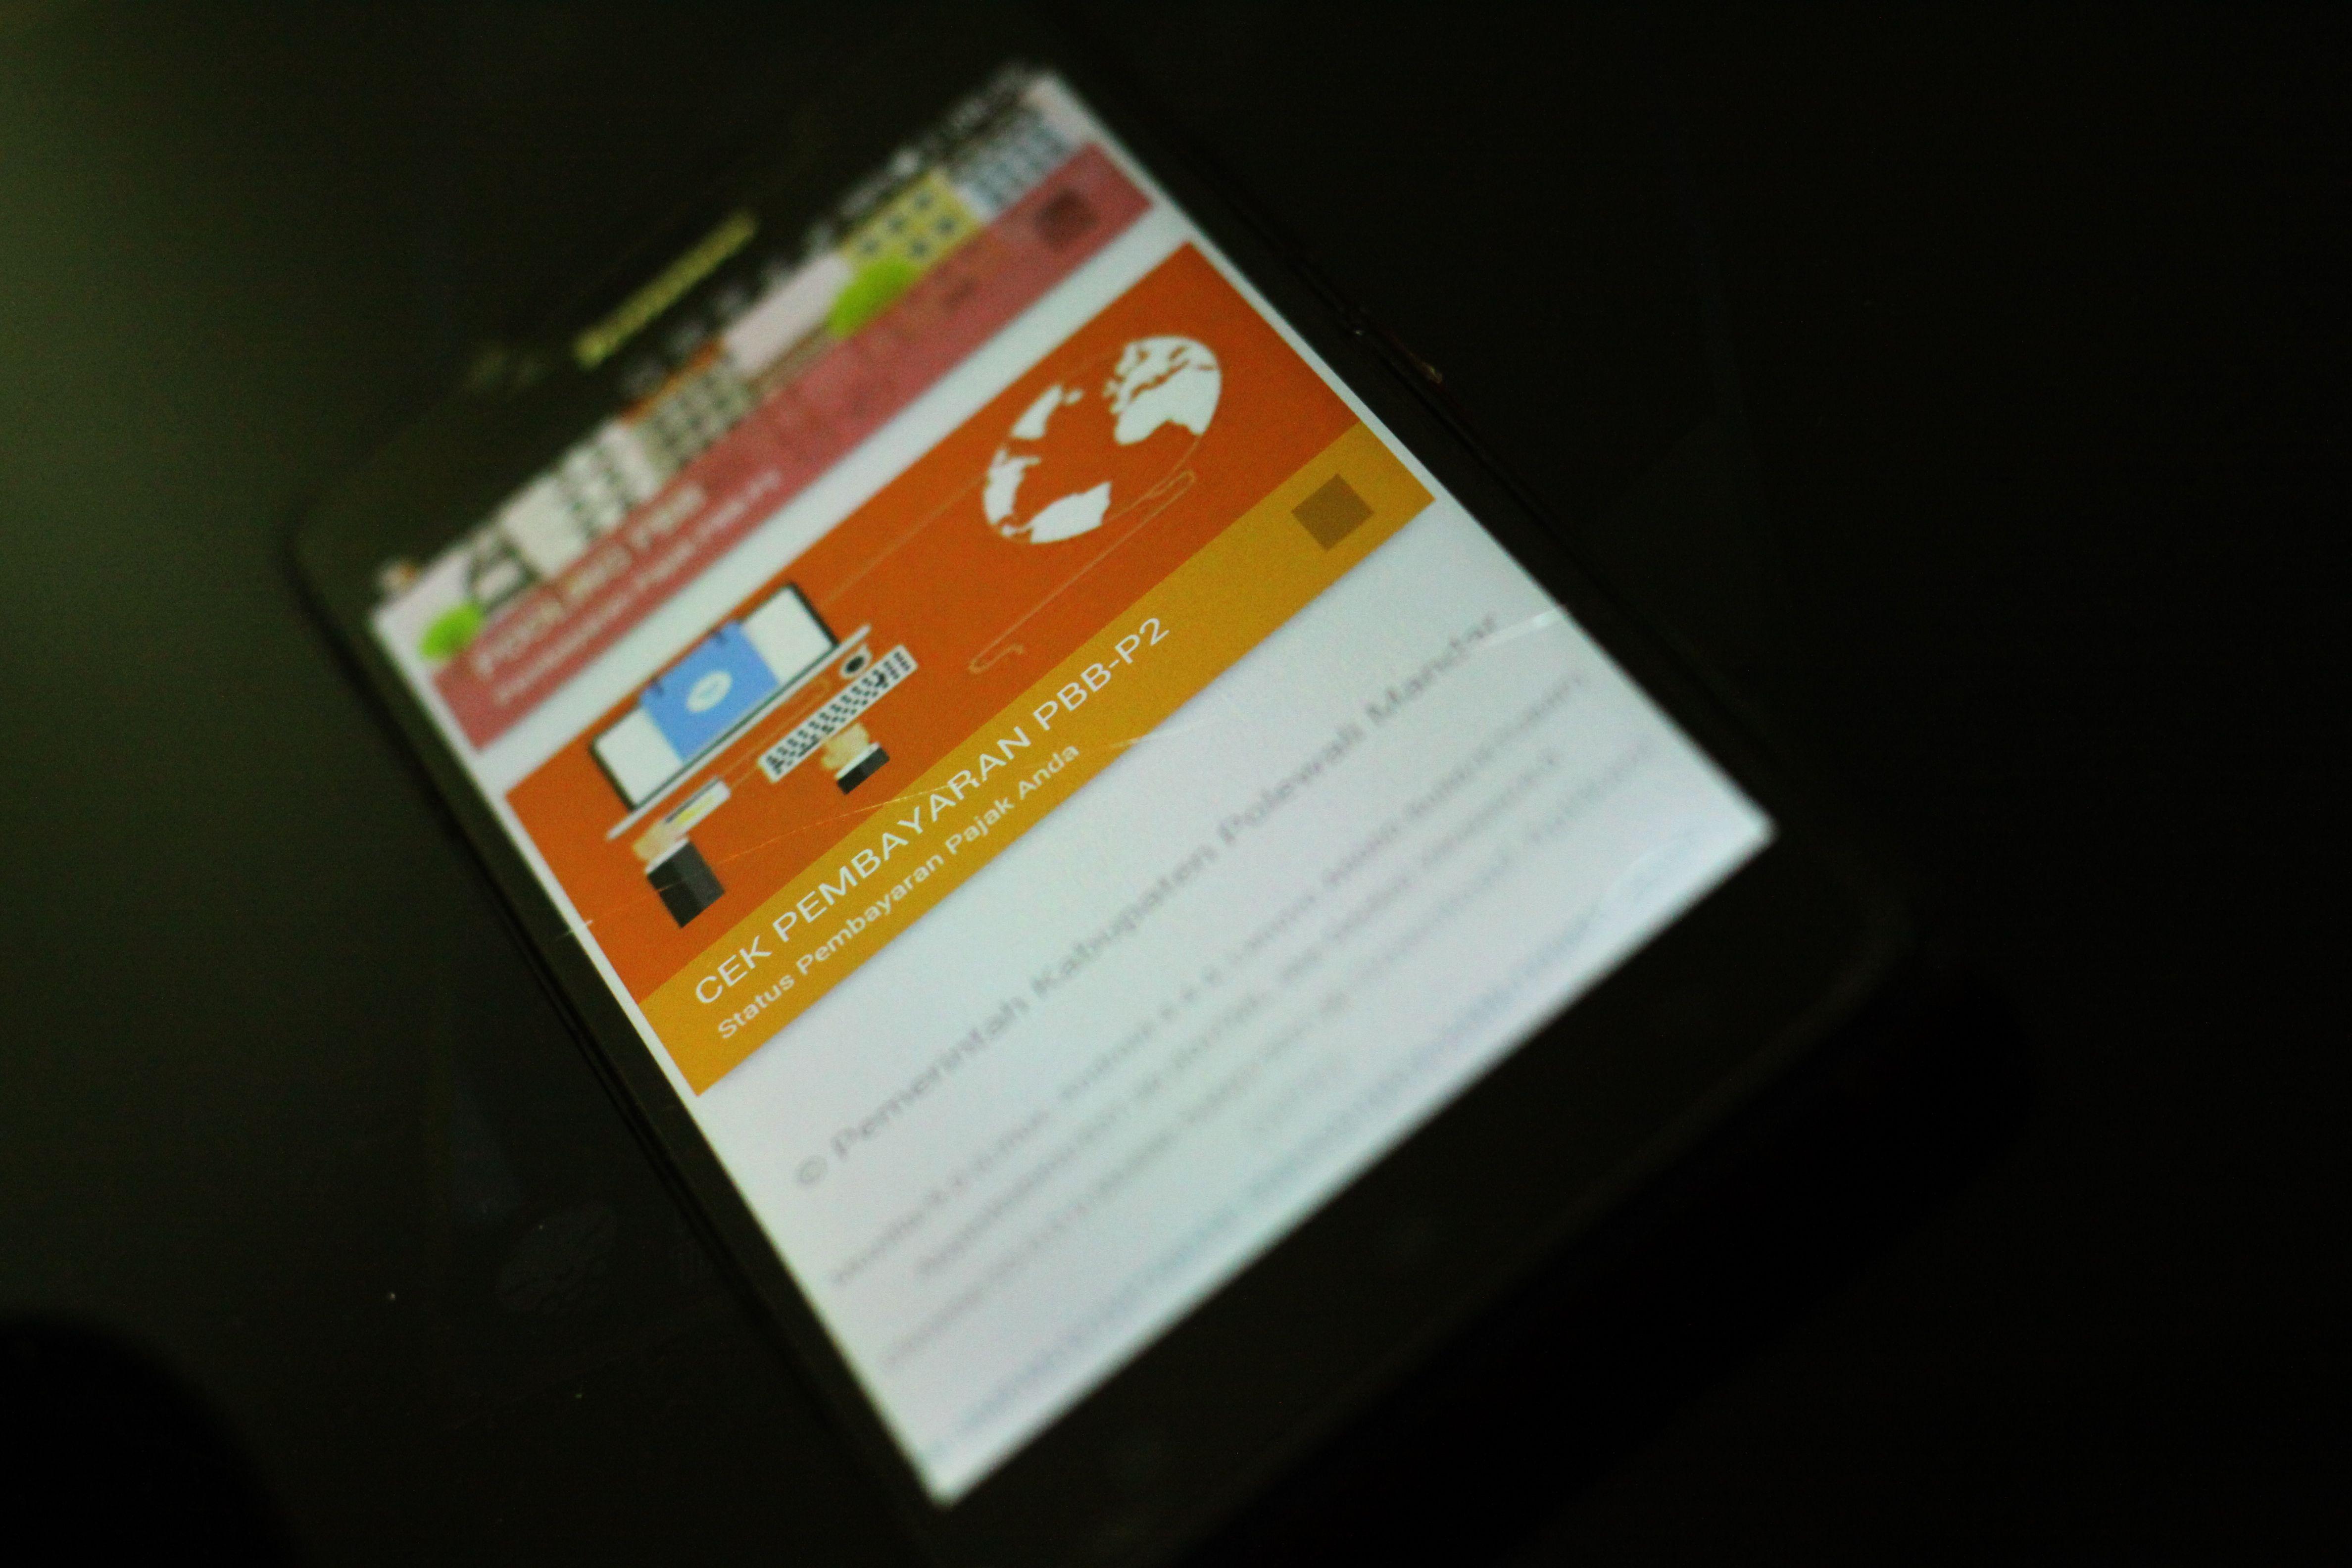 Aplikasi Anugerah Putra Membuat Sistem Sismiop Desktop Yang Hanya Dapat Dijalankan Di Komputer Menjadi Sistem On Line Semua Da Aplikasi Smartphone Lorem Ipsum